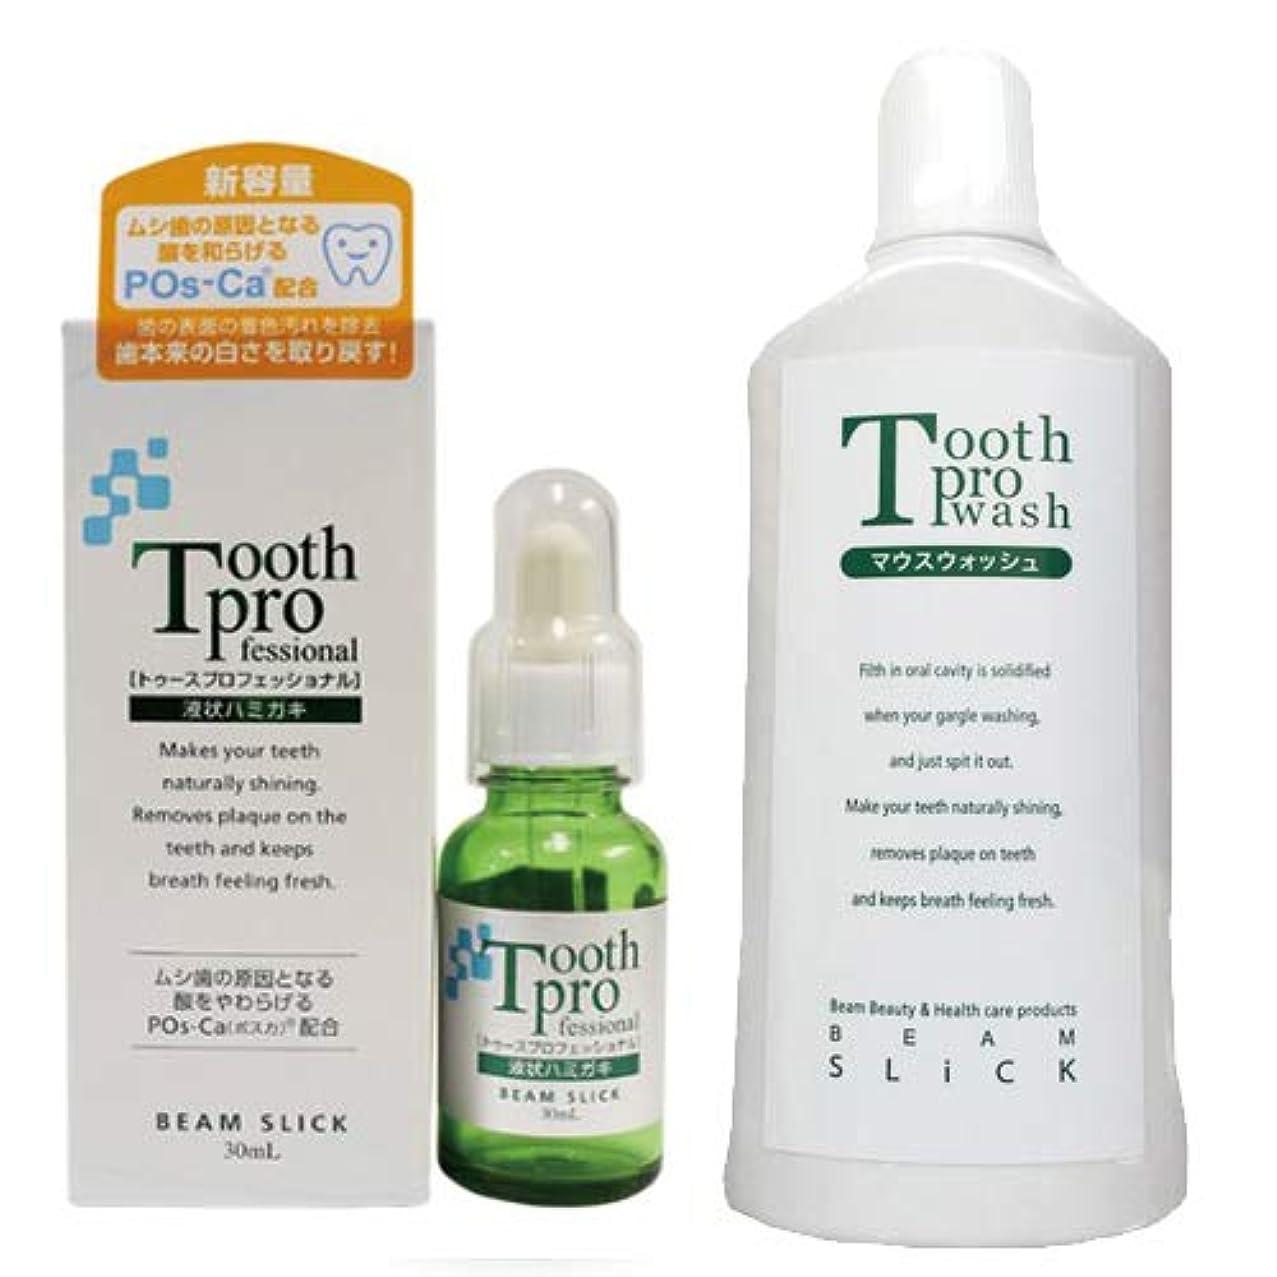 管理いらいらさせる野菜トゥースプロウォッシュ(Tooth Pro wash)500mL + トゥースプロフェッショナル(tooth professional) 30mL セット